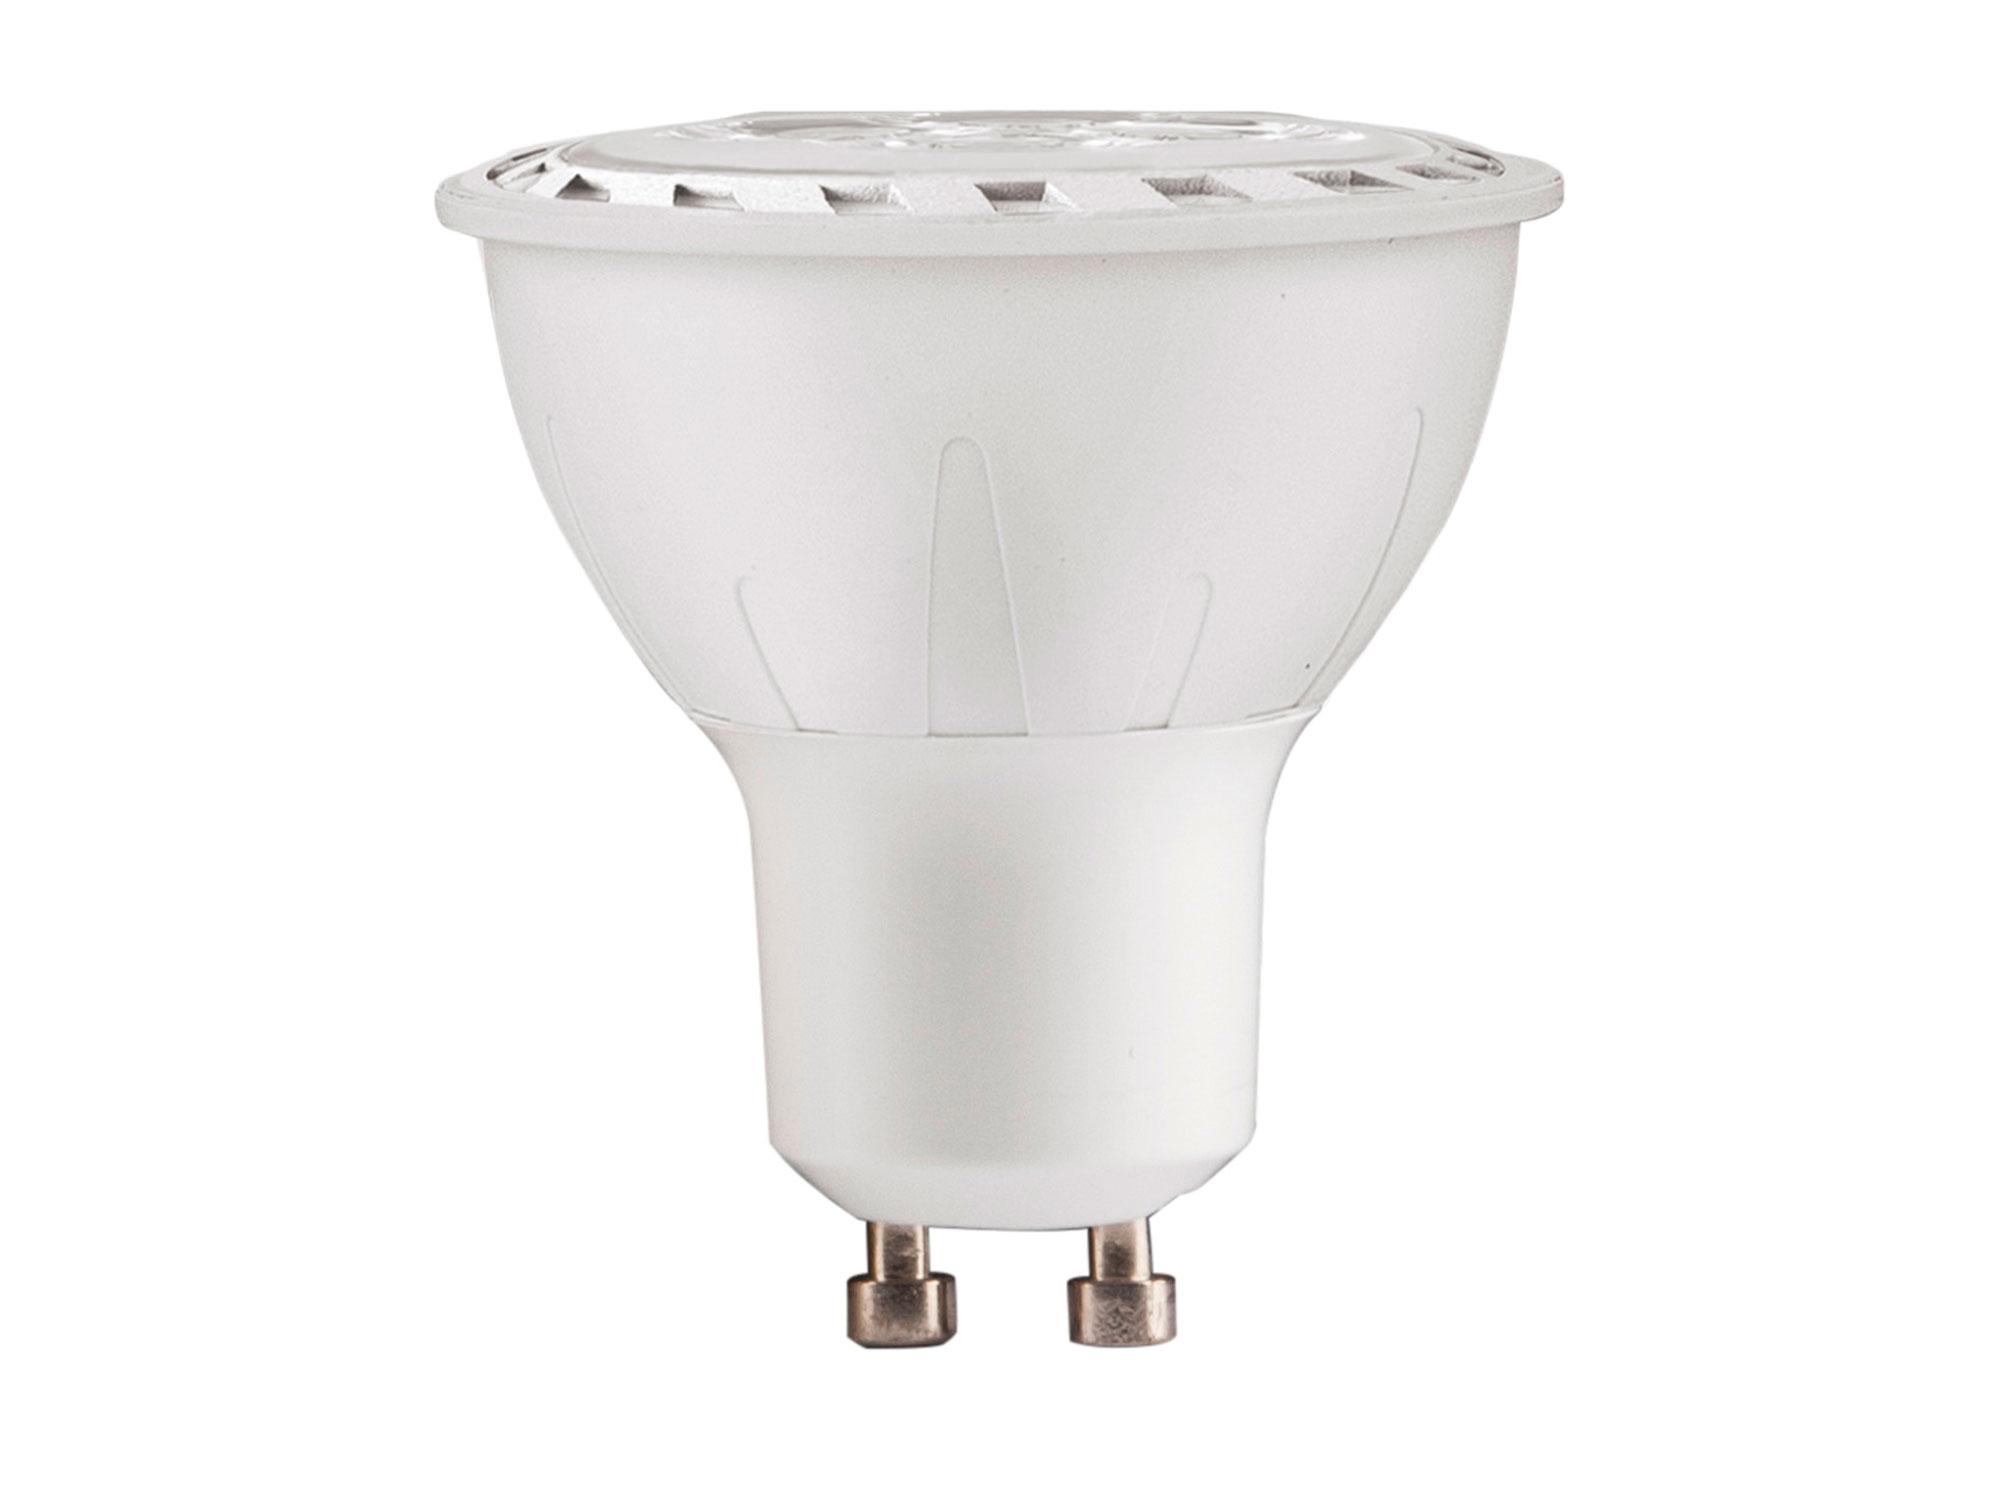 Žárovka LED reflektorová bodová, 7W, 580lm, GU10, teplá bílá, COB EXTOL LIGHT 43035